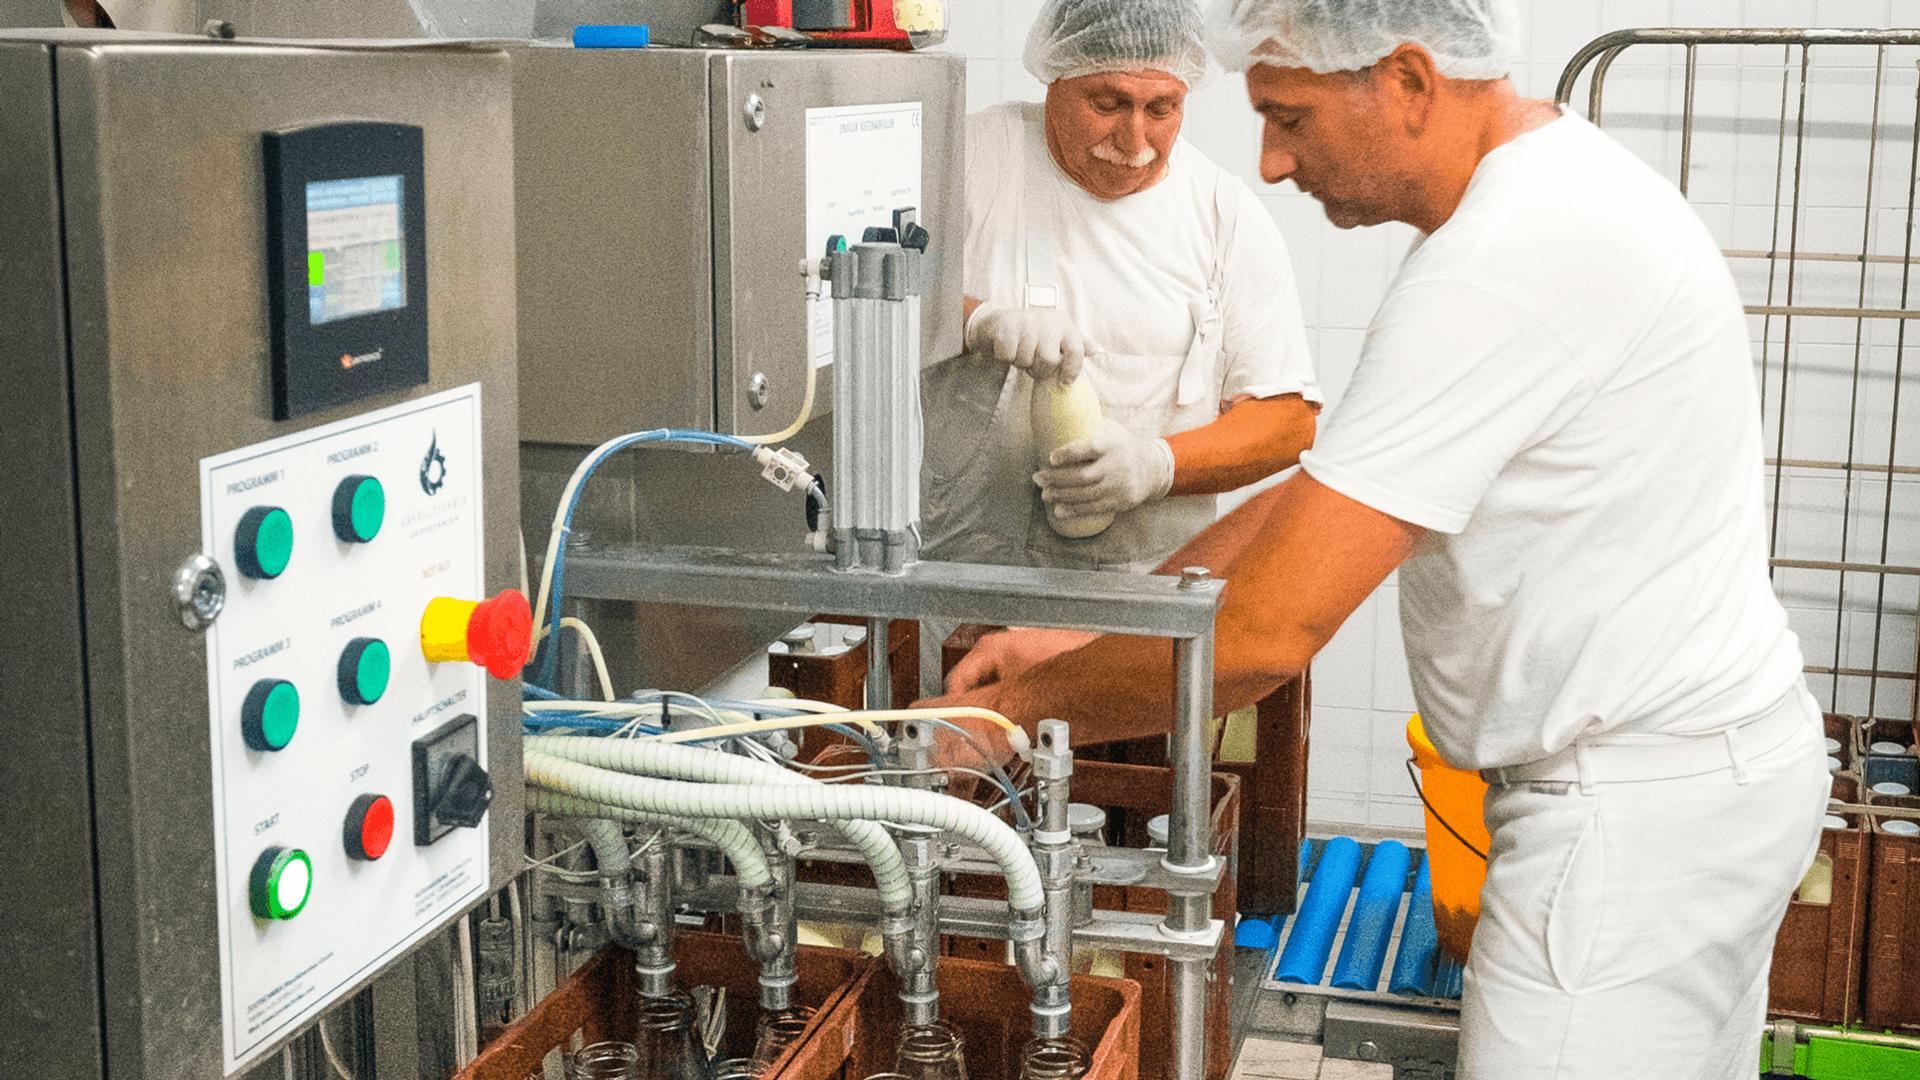 Zwei Personen mit Arbeitskleidung in der Milchverarbeitung